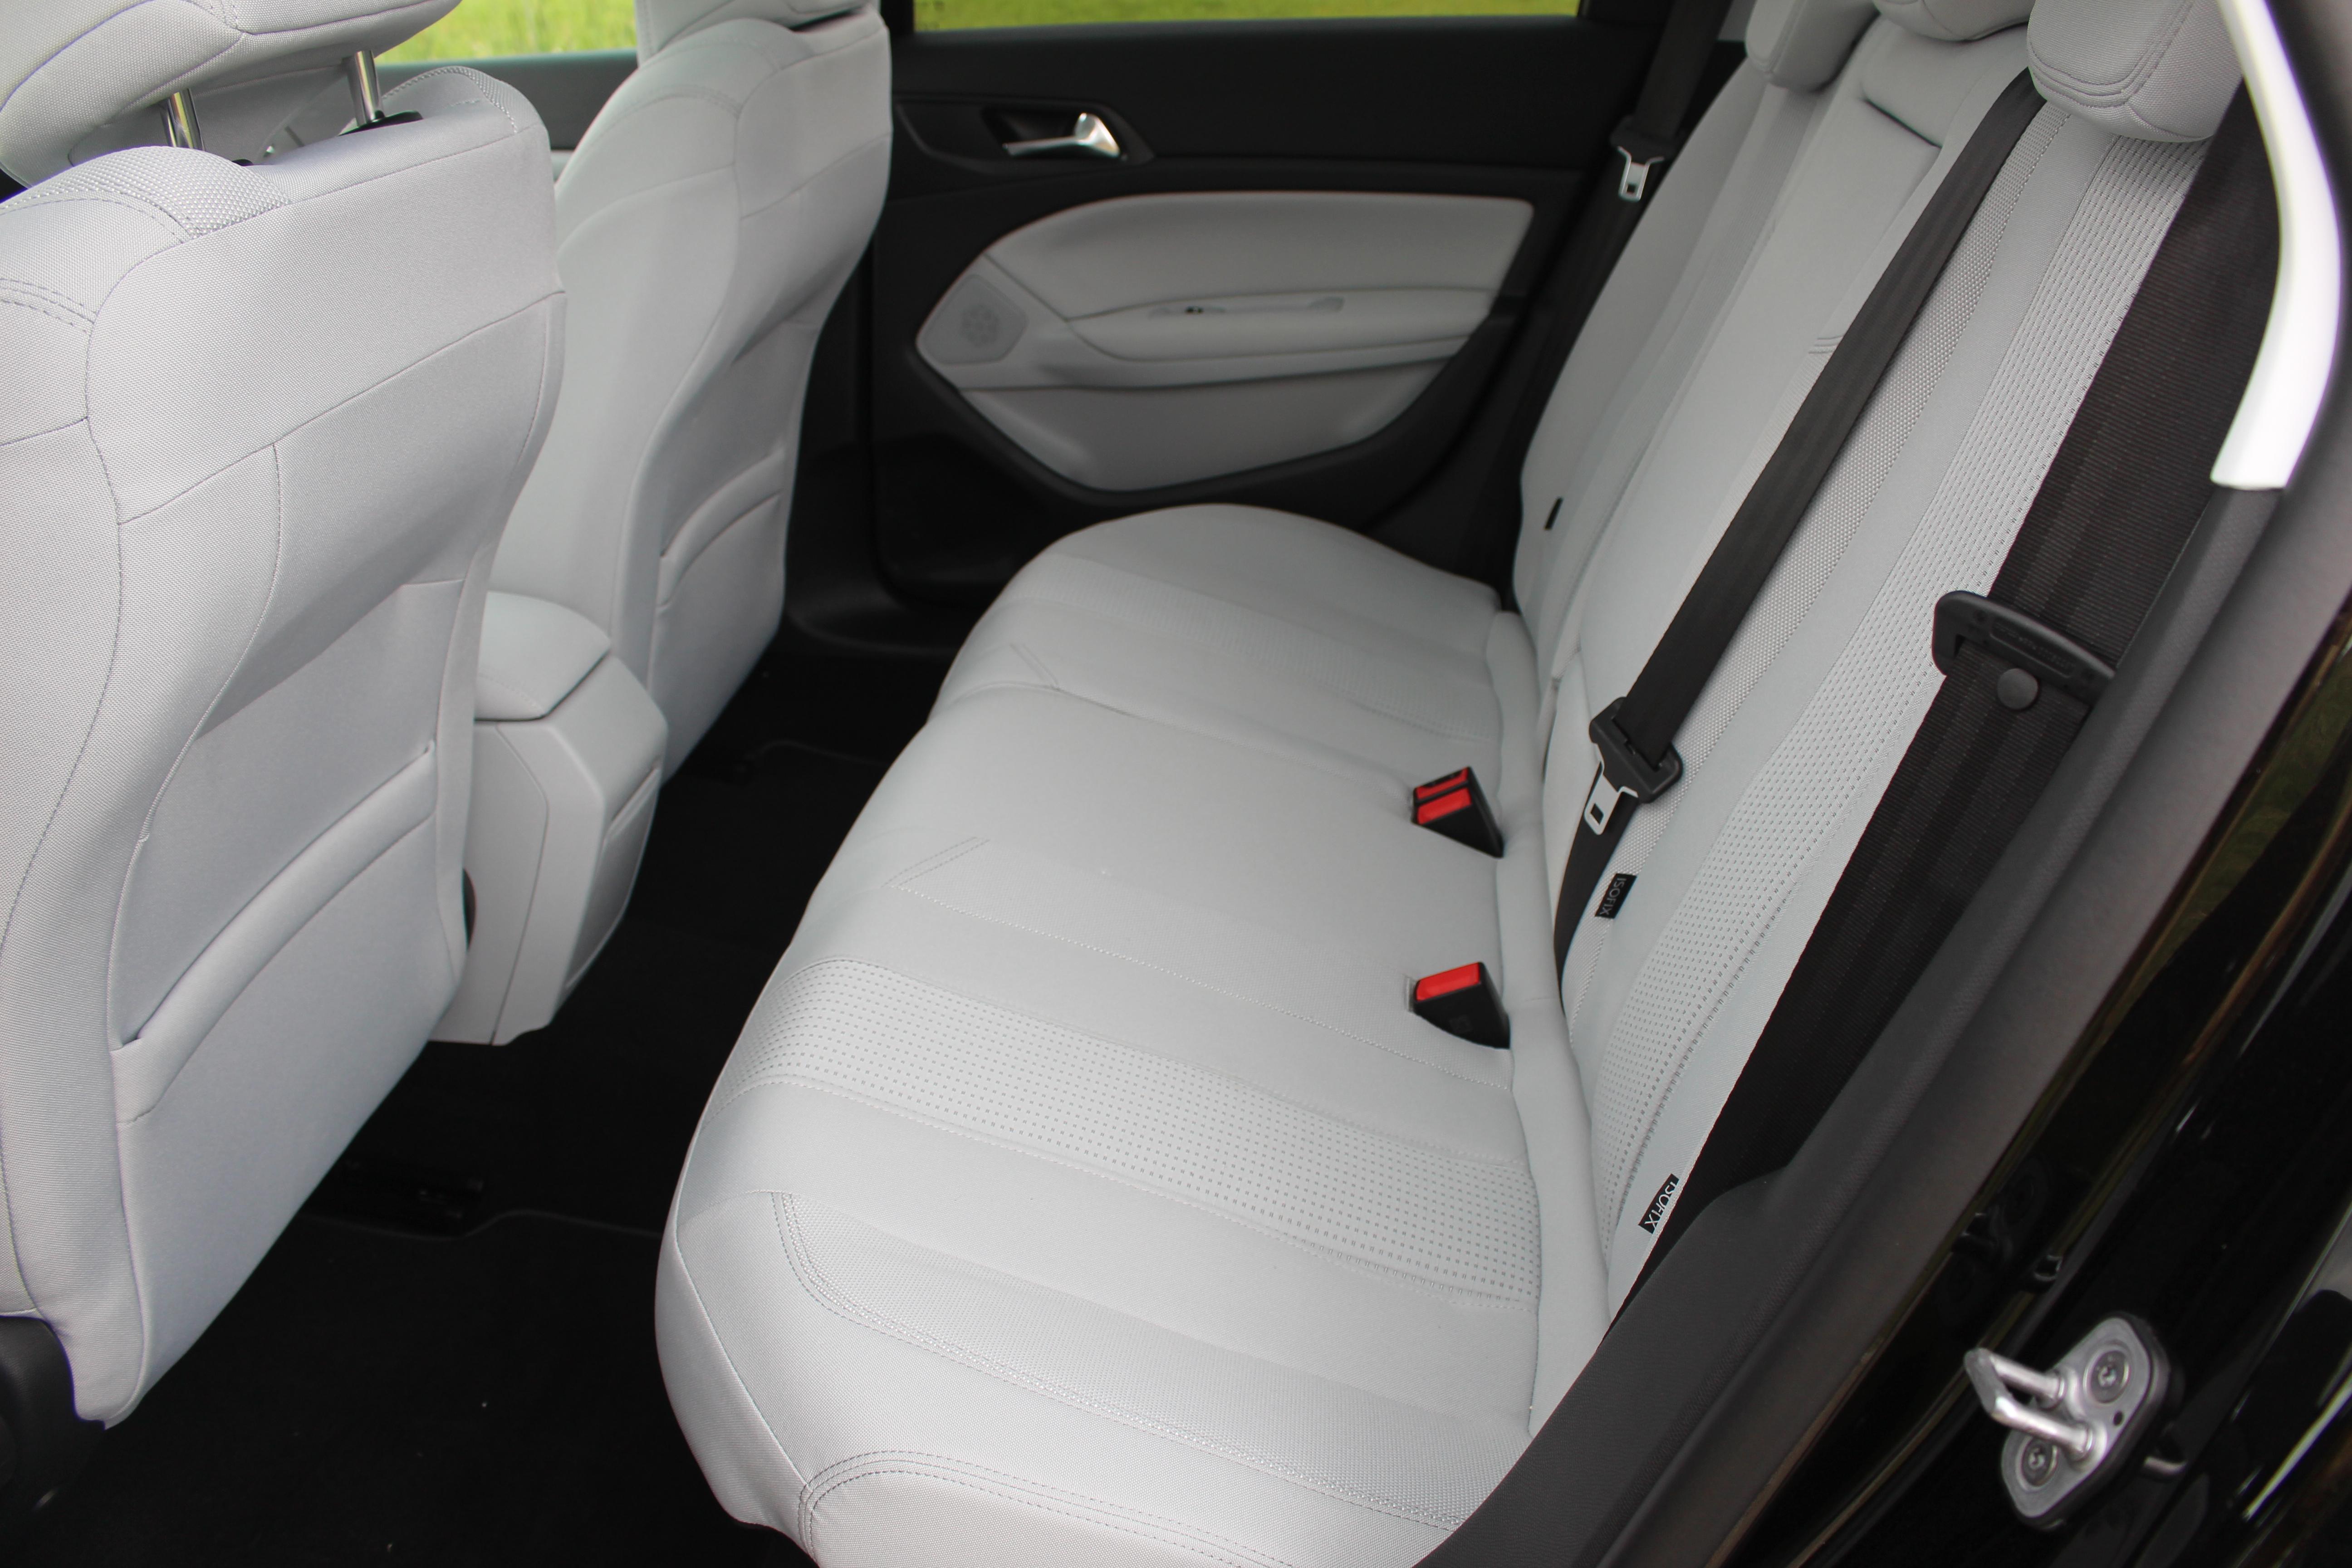 essai peugeot 308 sw 1 2 e thp130 puretech bvm6 la voiture essence de l 39 ann e. Black Bedroom Furniture Sets. Home Design Ideas